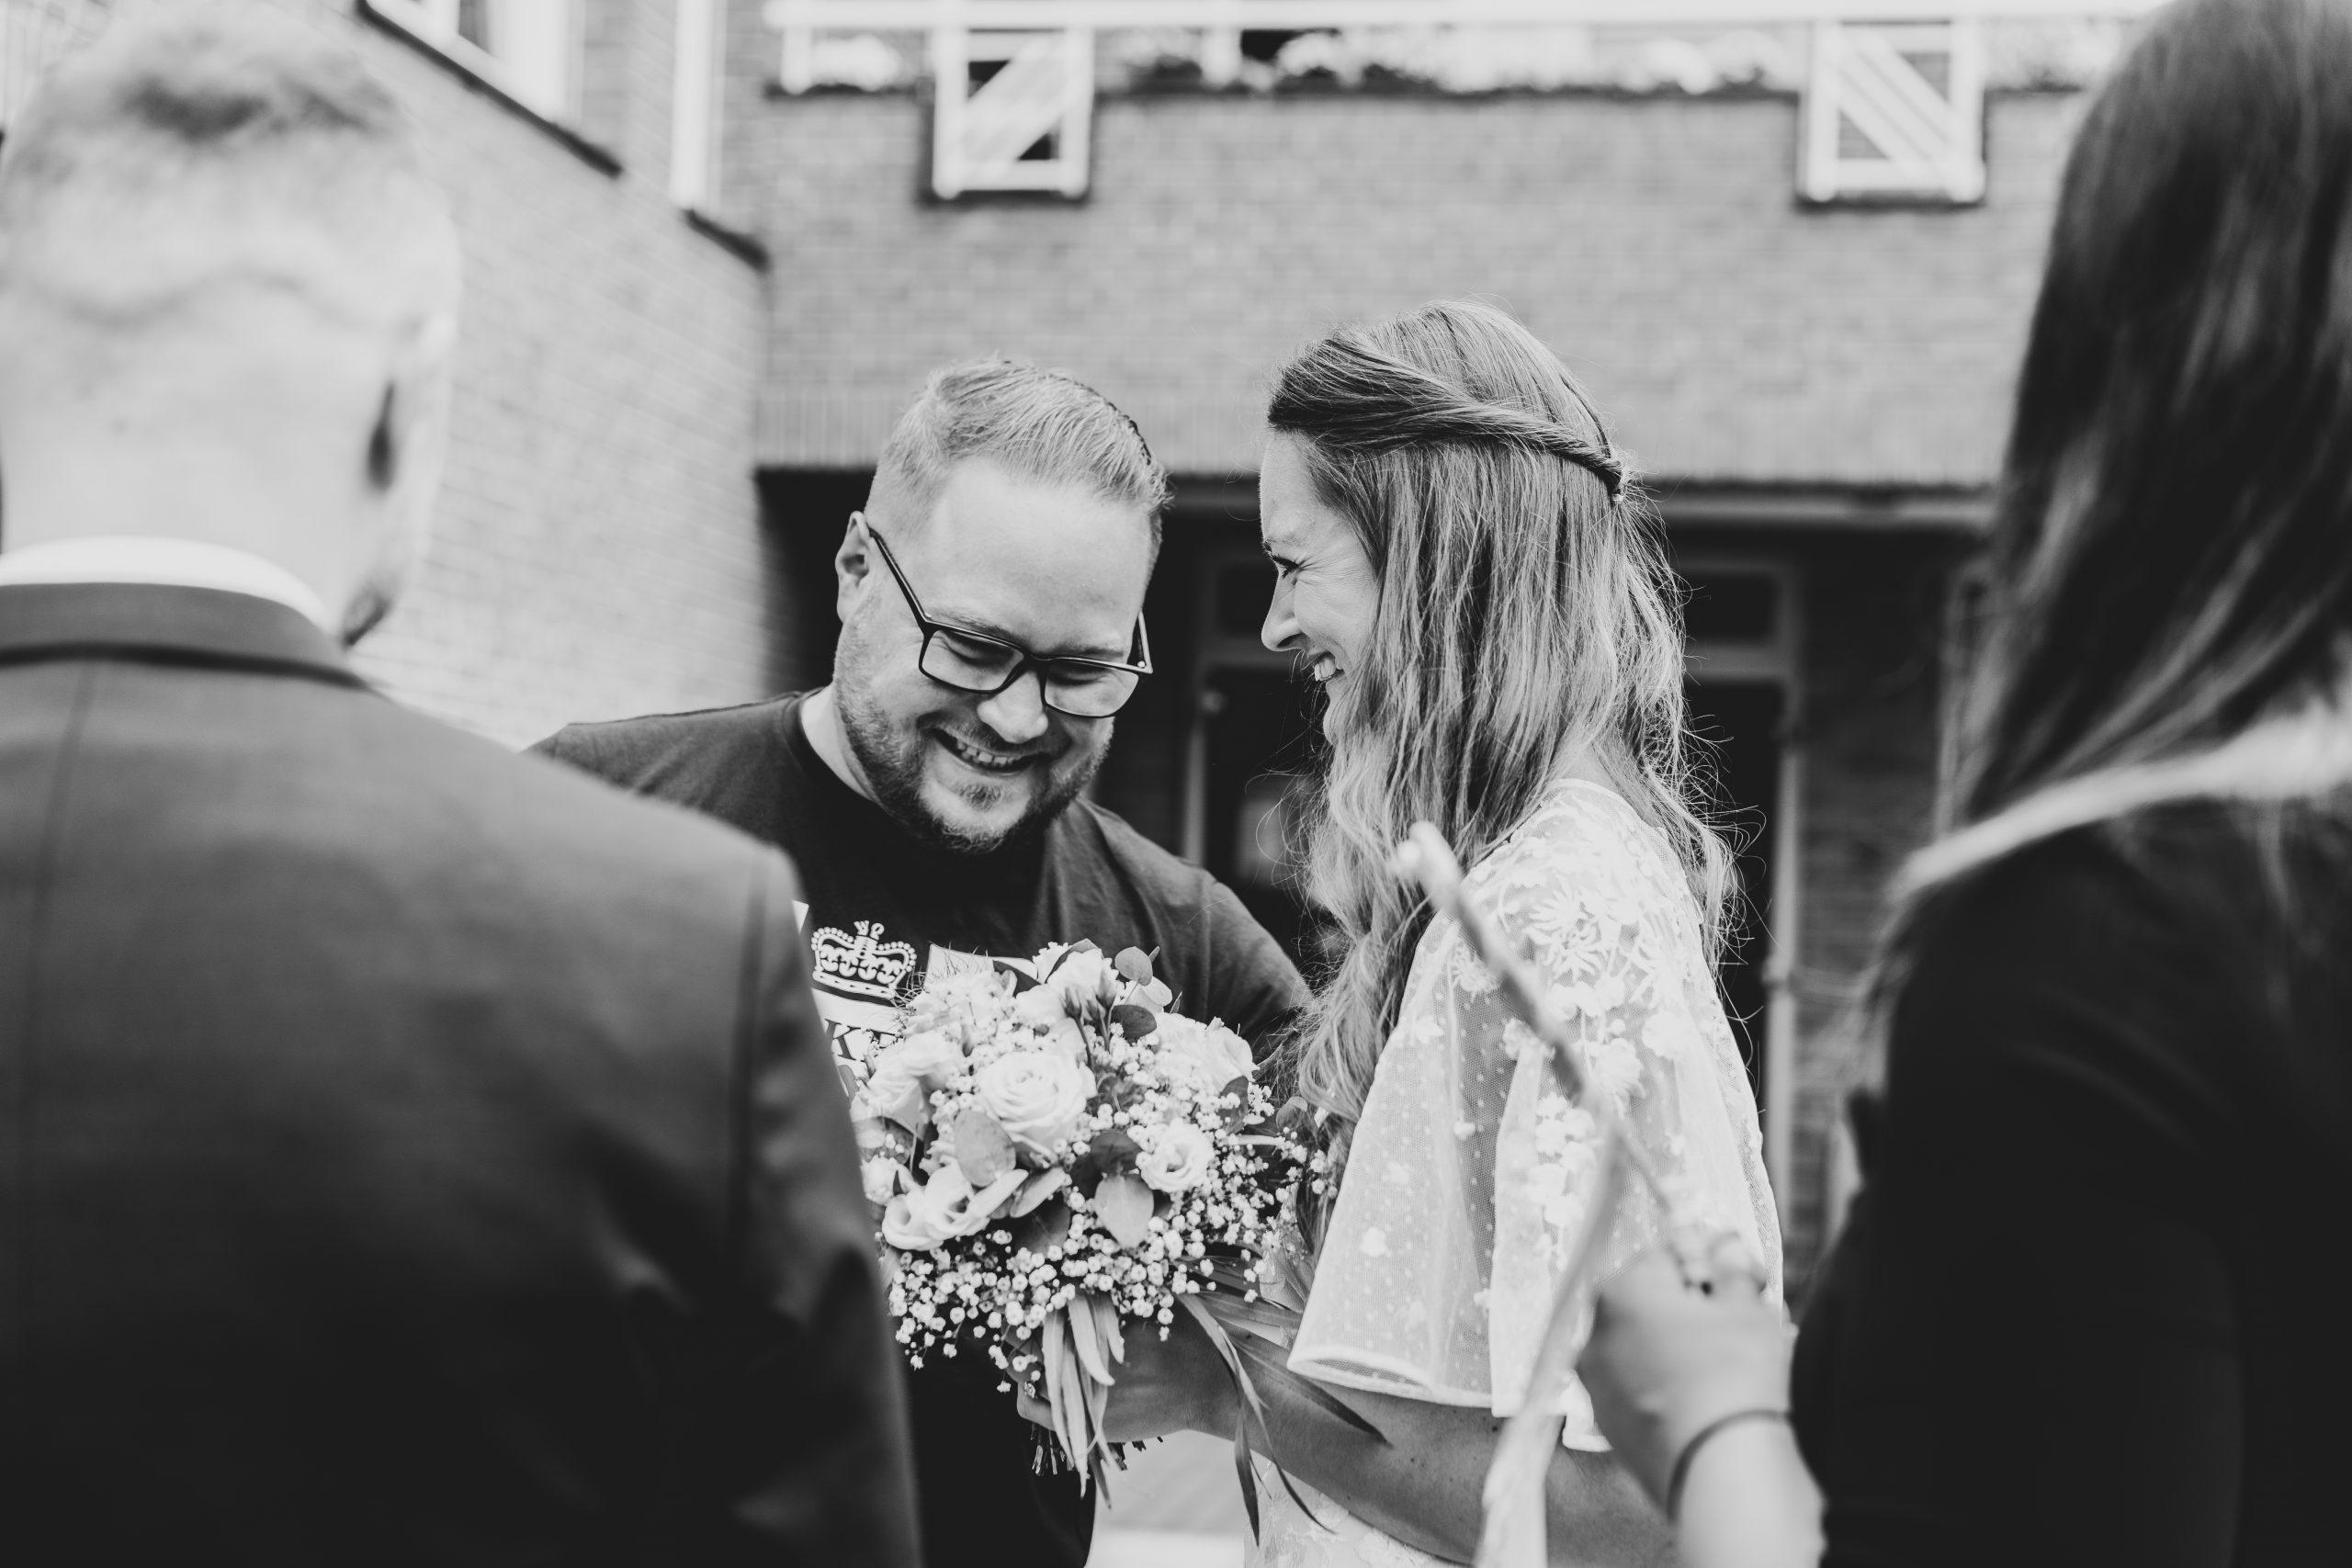 Hochzeitsgäste Freude Hochzeitsfotograf Momentaufnahme Hochzeitstag Glücksmomente